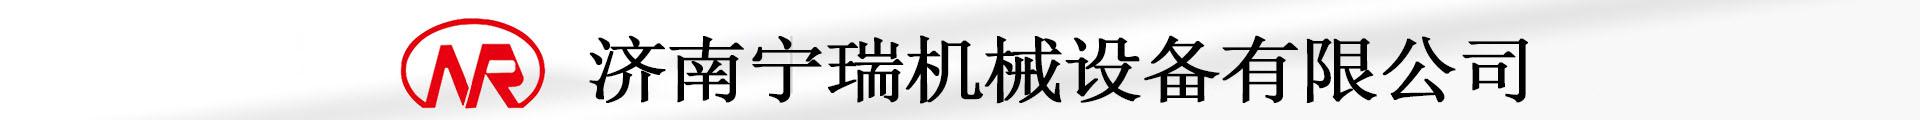 济南宁瑞机械设备有限公司